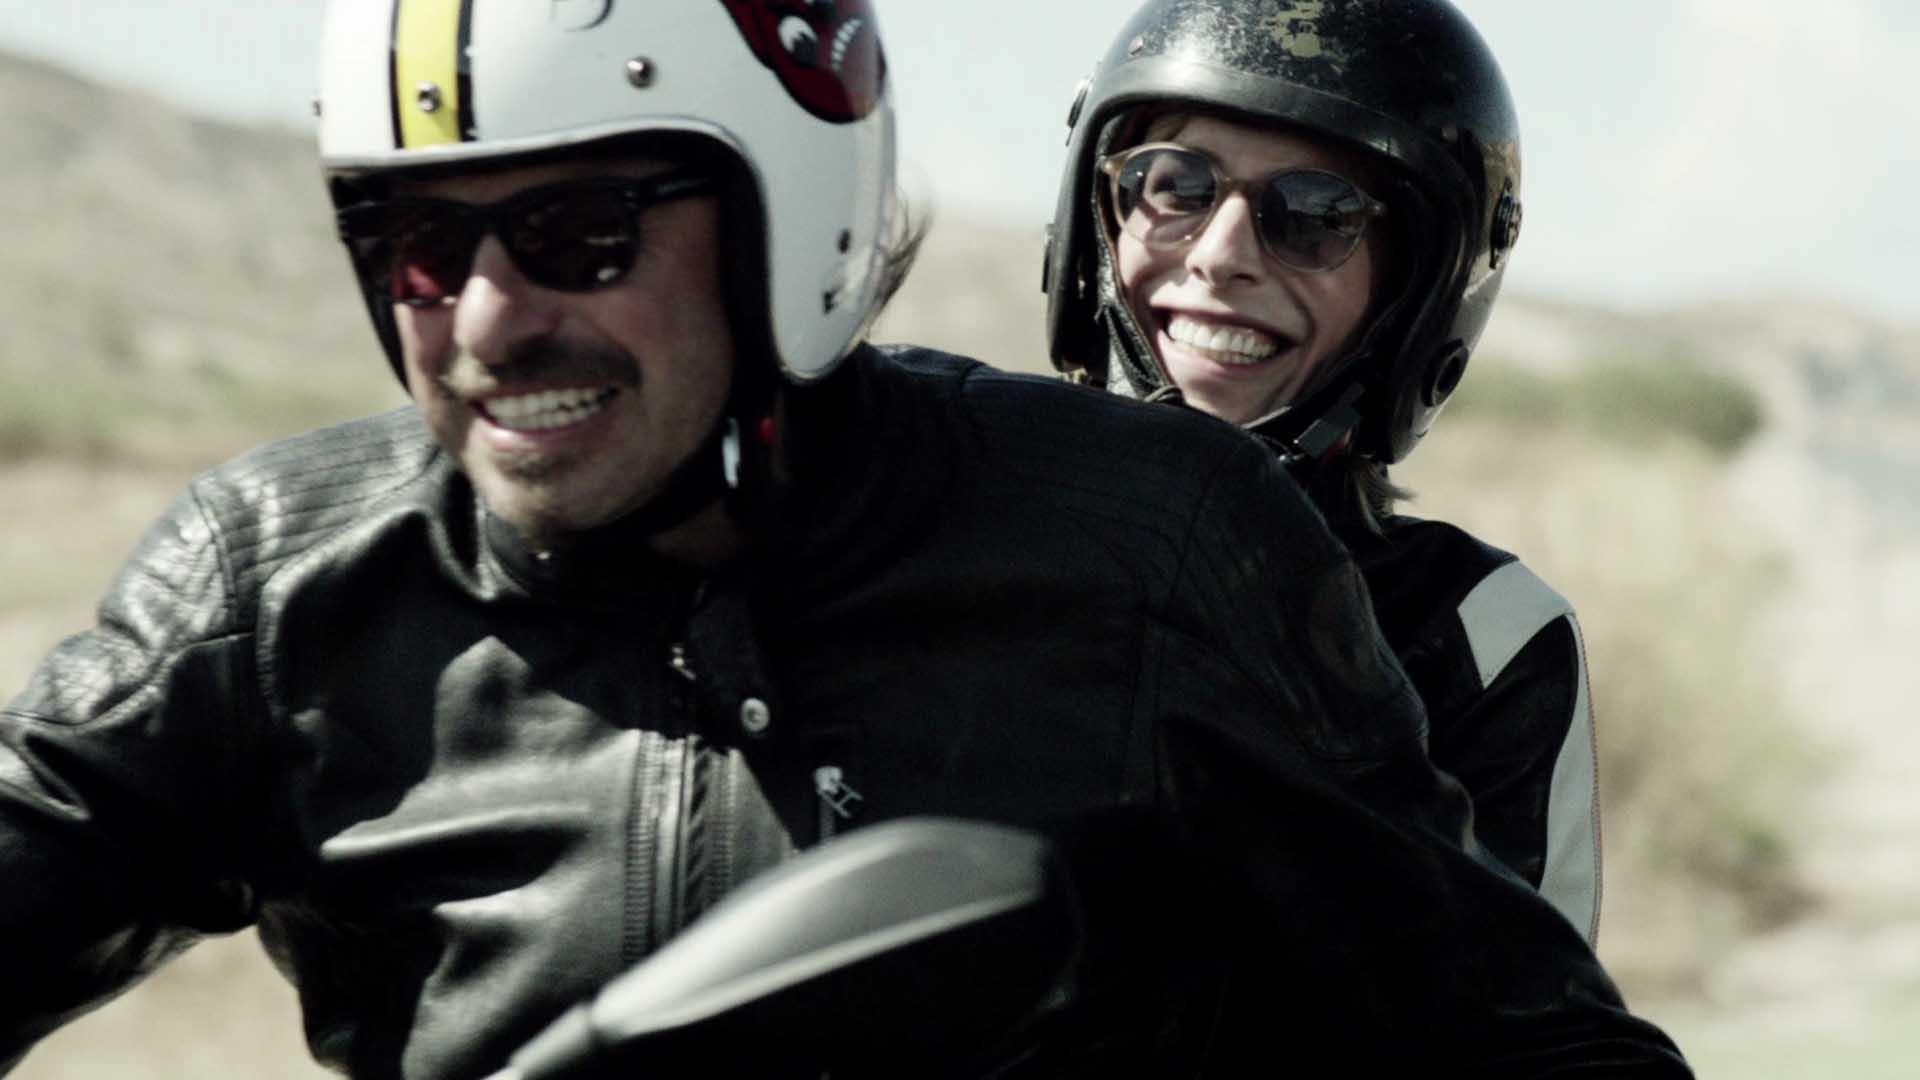 Das Bild zeigt zwei Menschen, einen Mann und eine Frau. Sie lachen und tragen Sonnenbrillen und Motorradhelme. Sie fahren auf einem Motorrad durch eine Landschaft. Das Bild dient als Slider Bild wurde für den Portfolioeintrag BMW - Checked to enjoy von Panda Pictures.